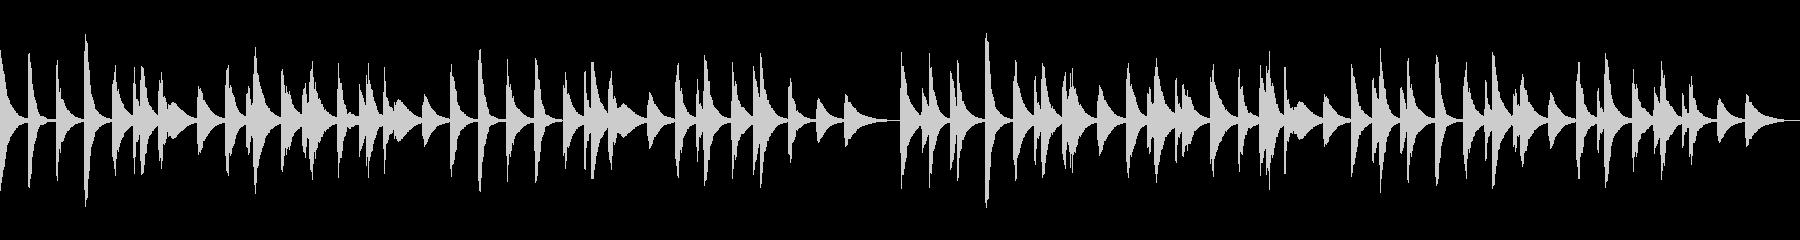 ループ可 木琴・ほのぼの料理・犬・散歩の未再生の波形